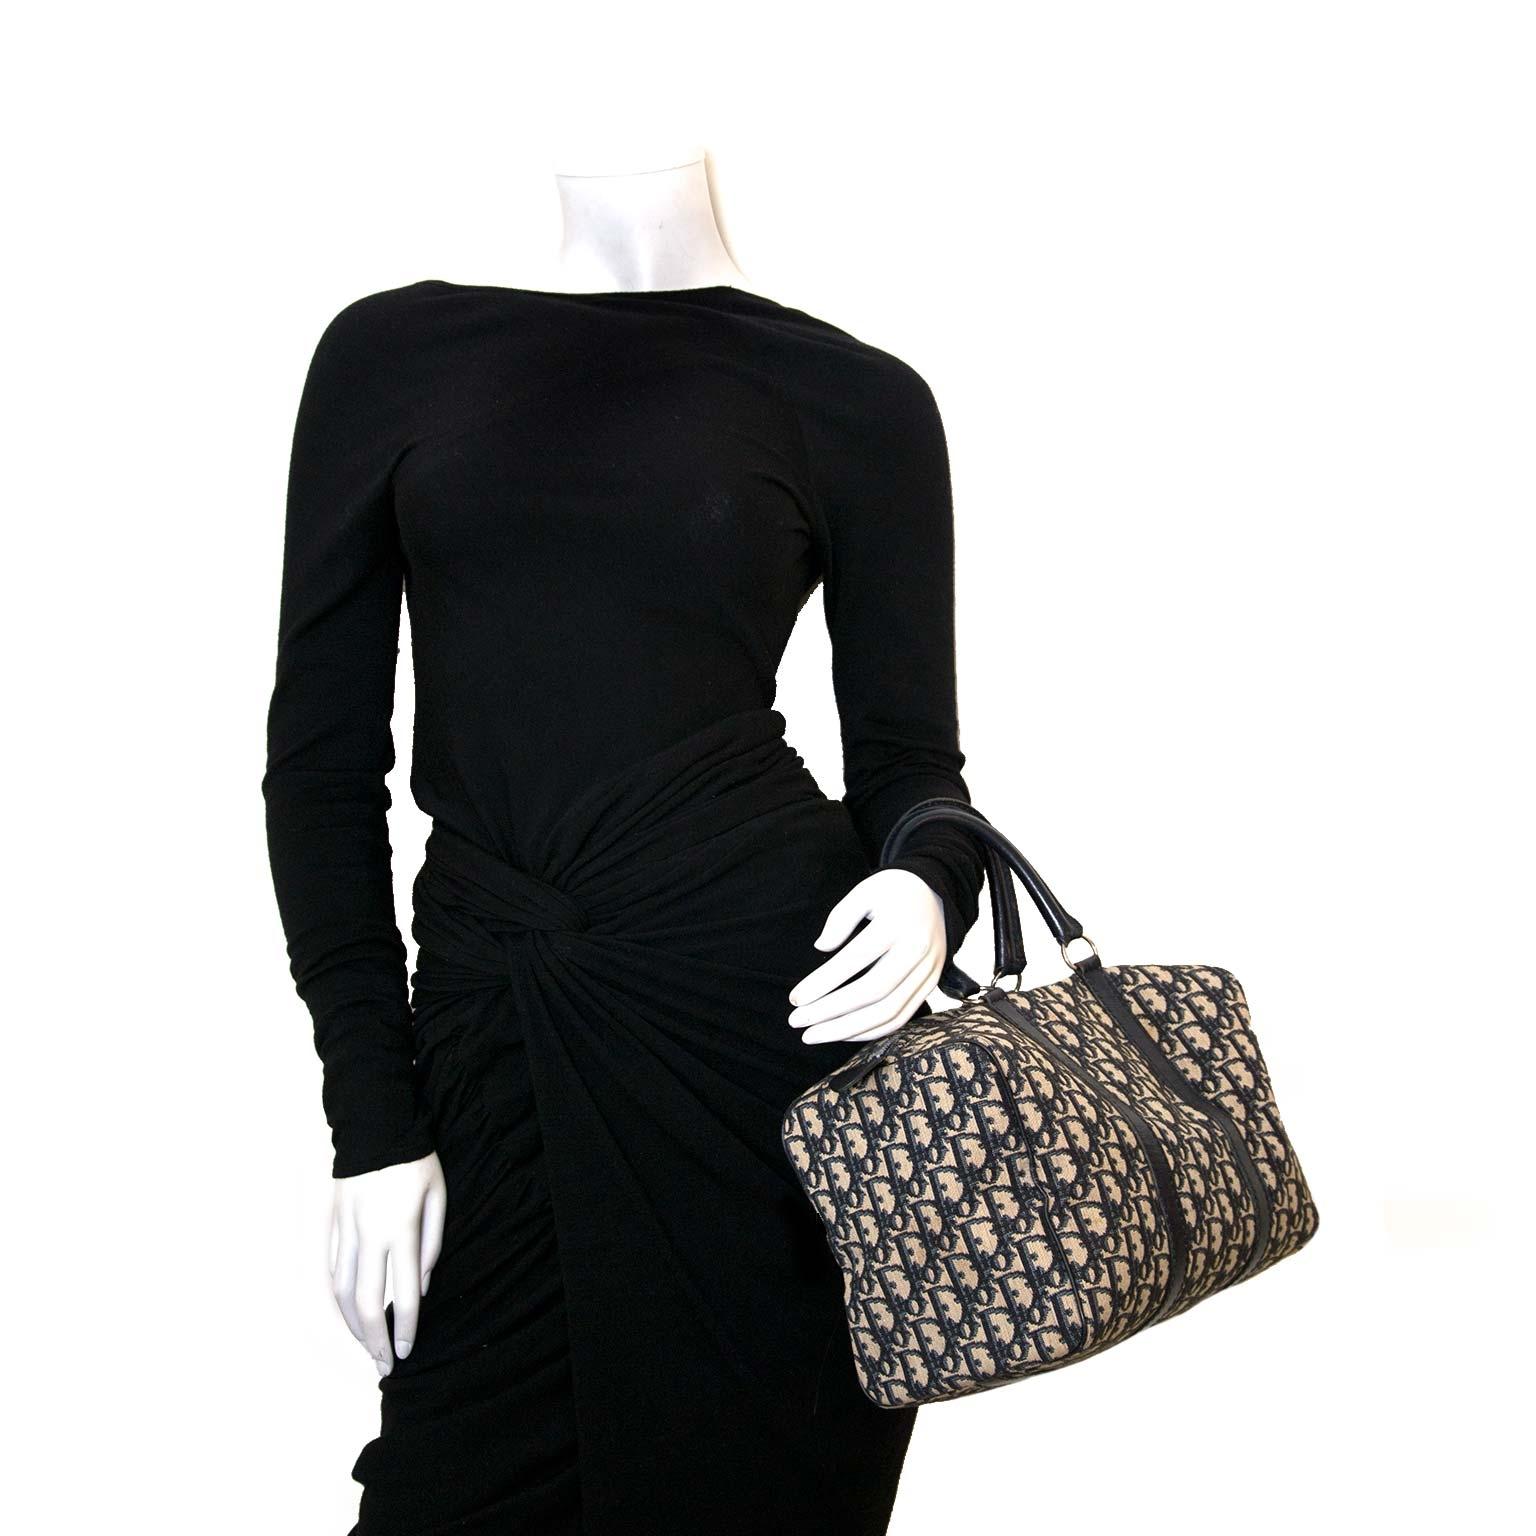 Koop en verkoop authentieke designer stukken zoals Dior Blue Monogram Boston Handbag